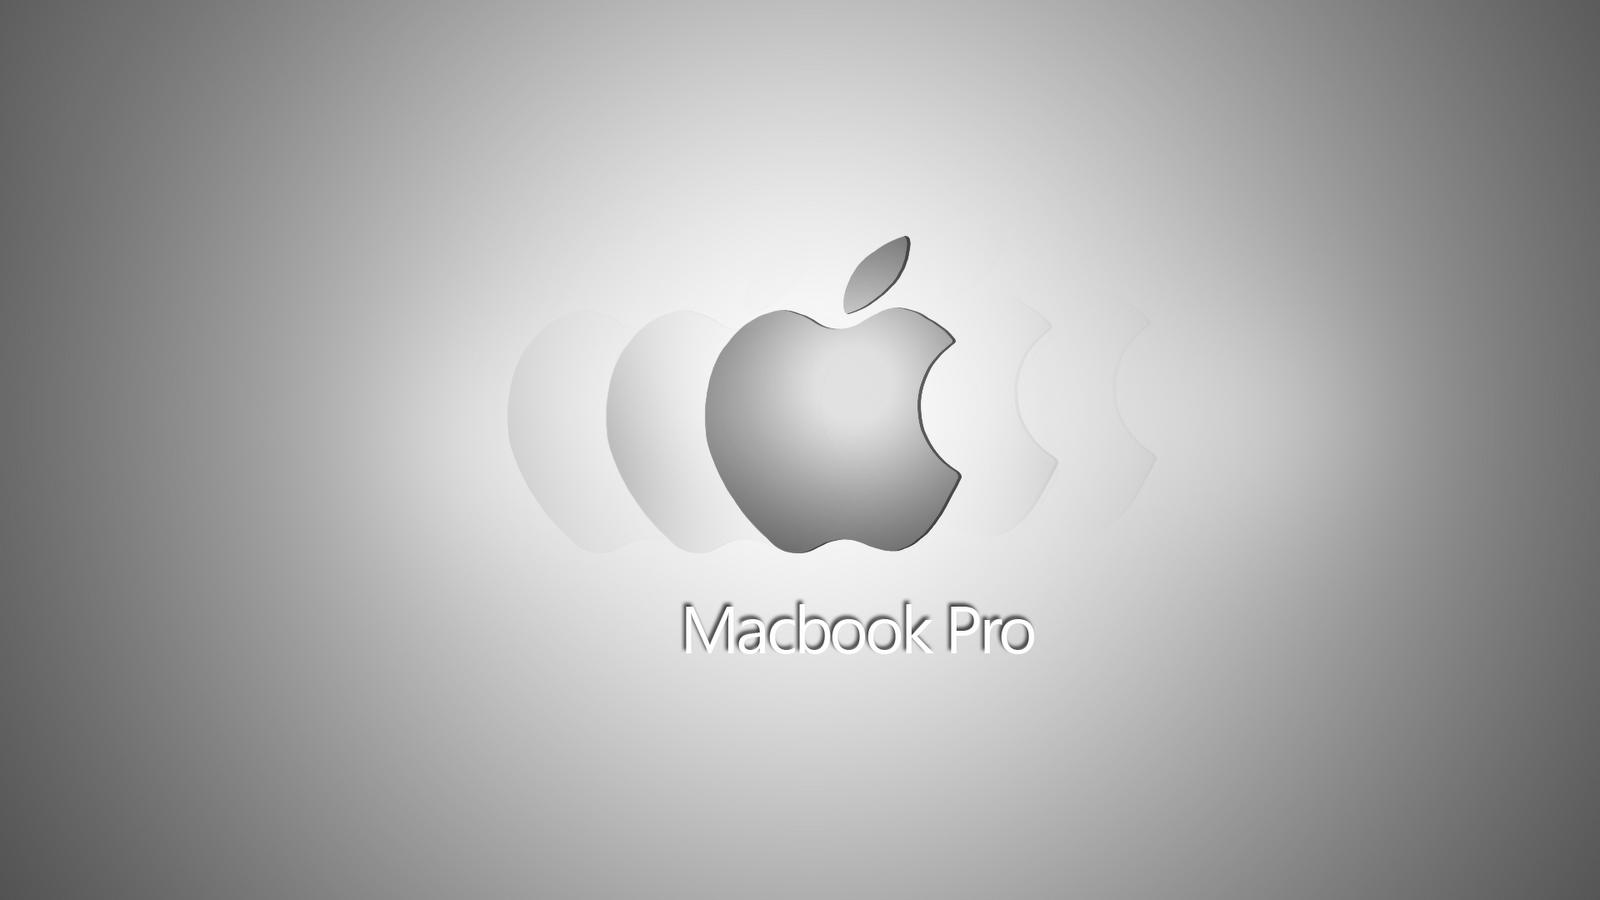 Macbook Pro Wallpapers 1600x900